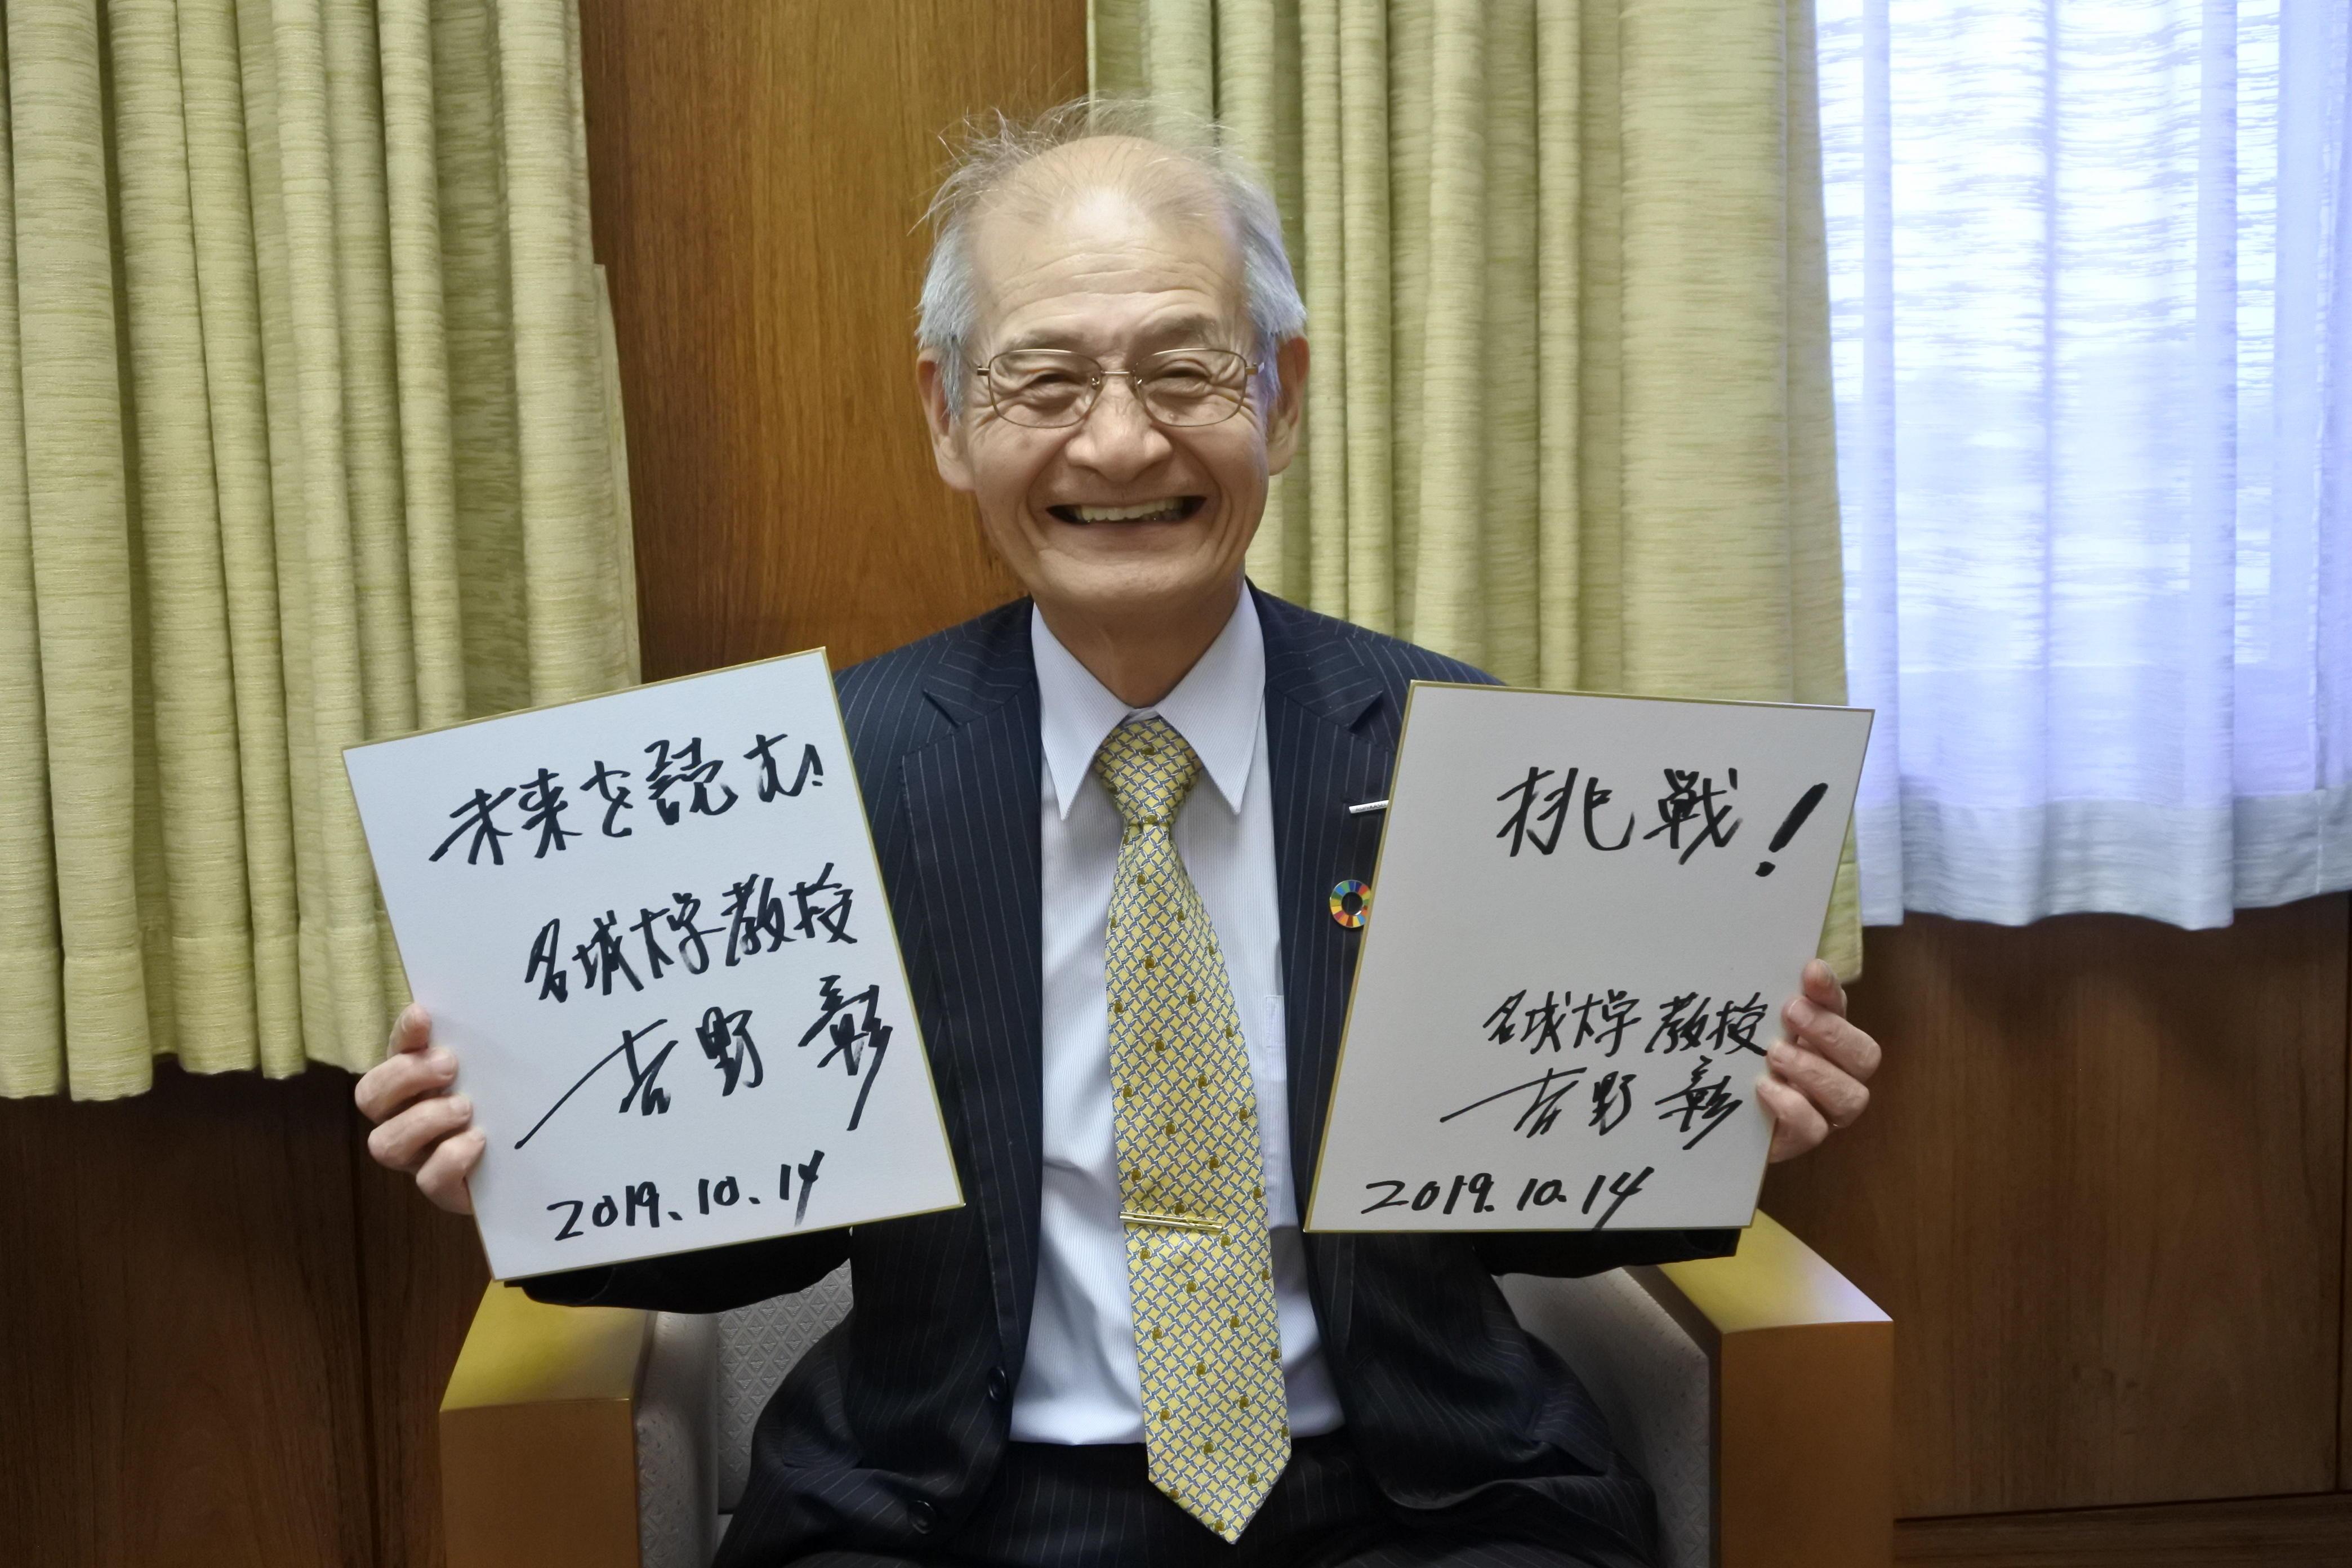 マスコミ対応を済ませ、色紙にキーワードを書いた吉野教授